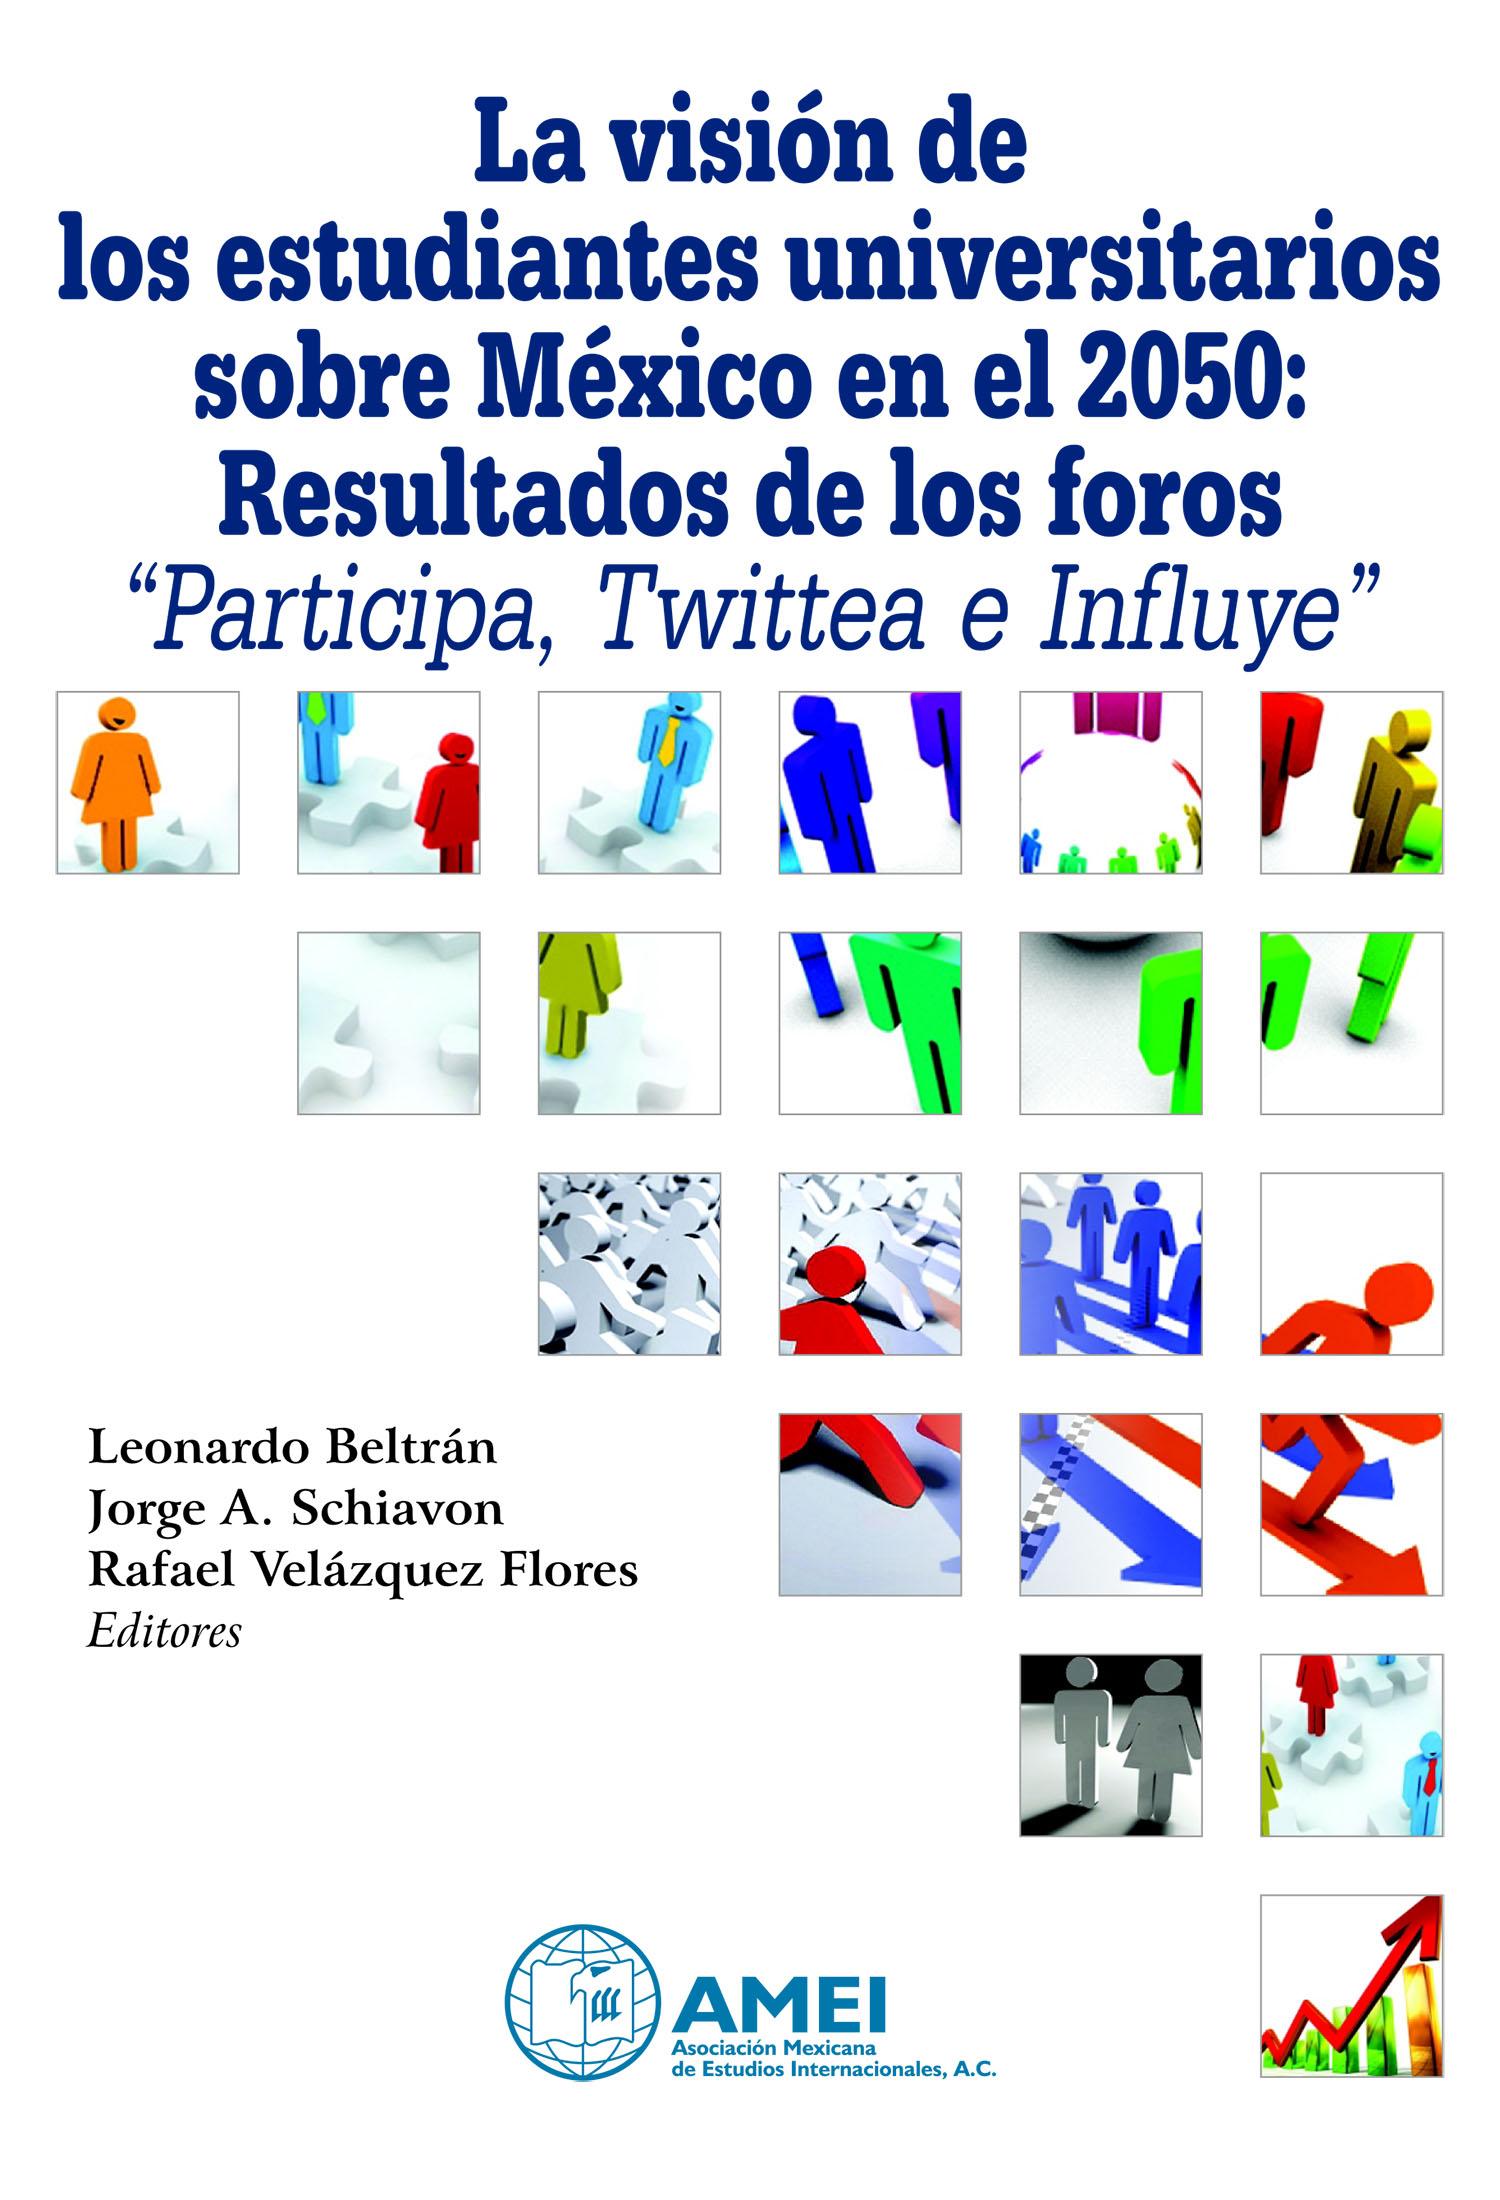 """La visión de los estudiantes universitarios sobre México en el 2050: Resultados de los foros """"Participa, Twittea e Influye"""" Book Cover"""